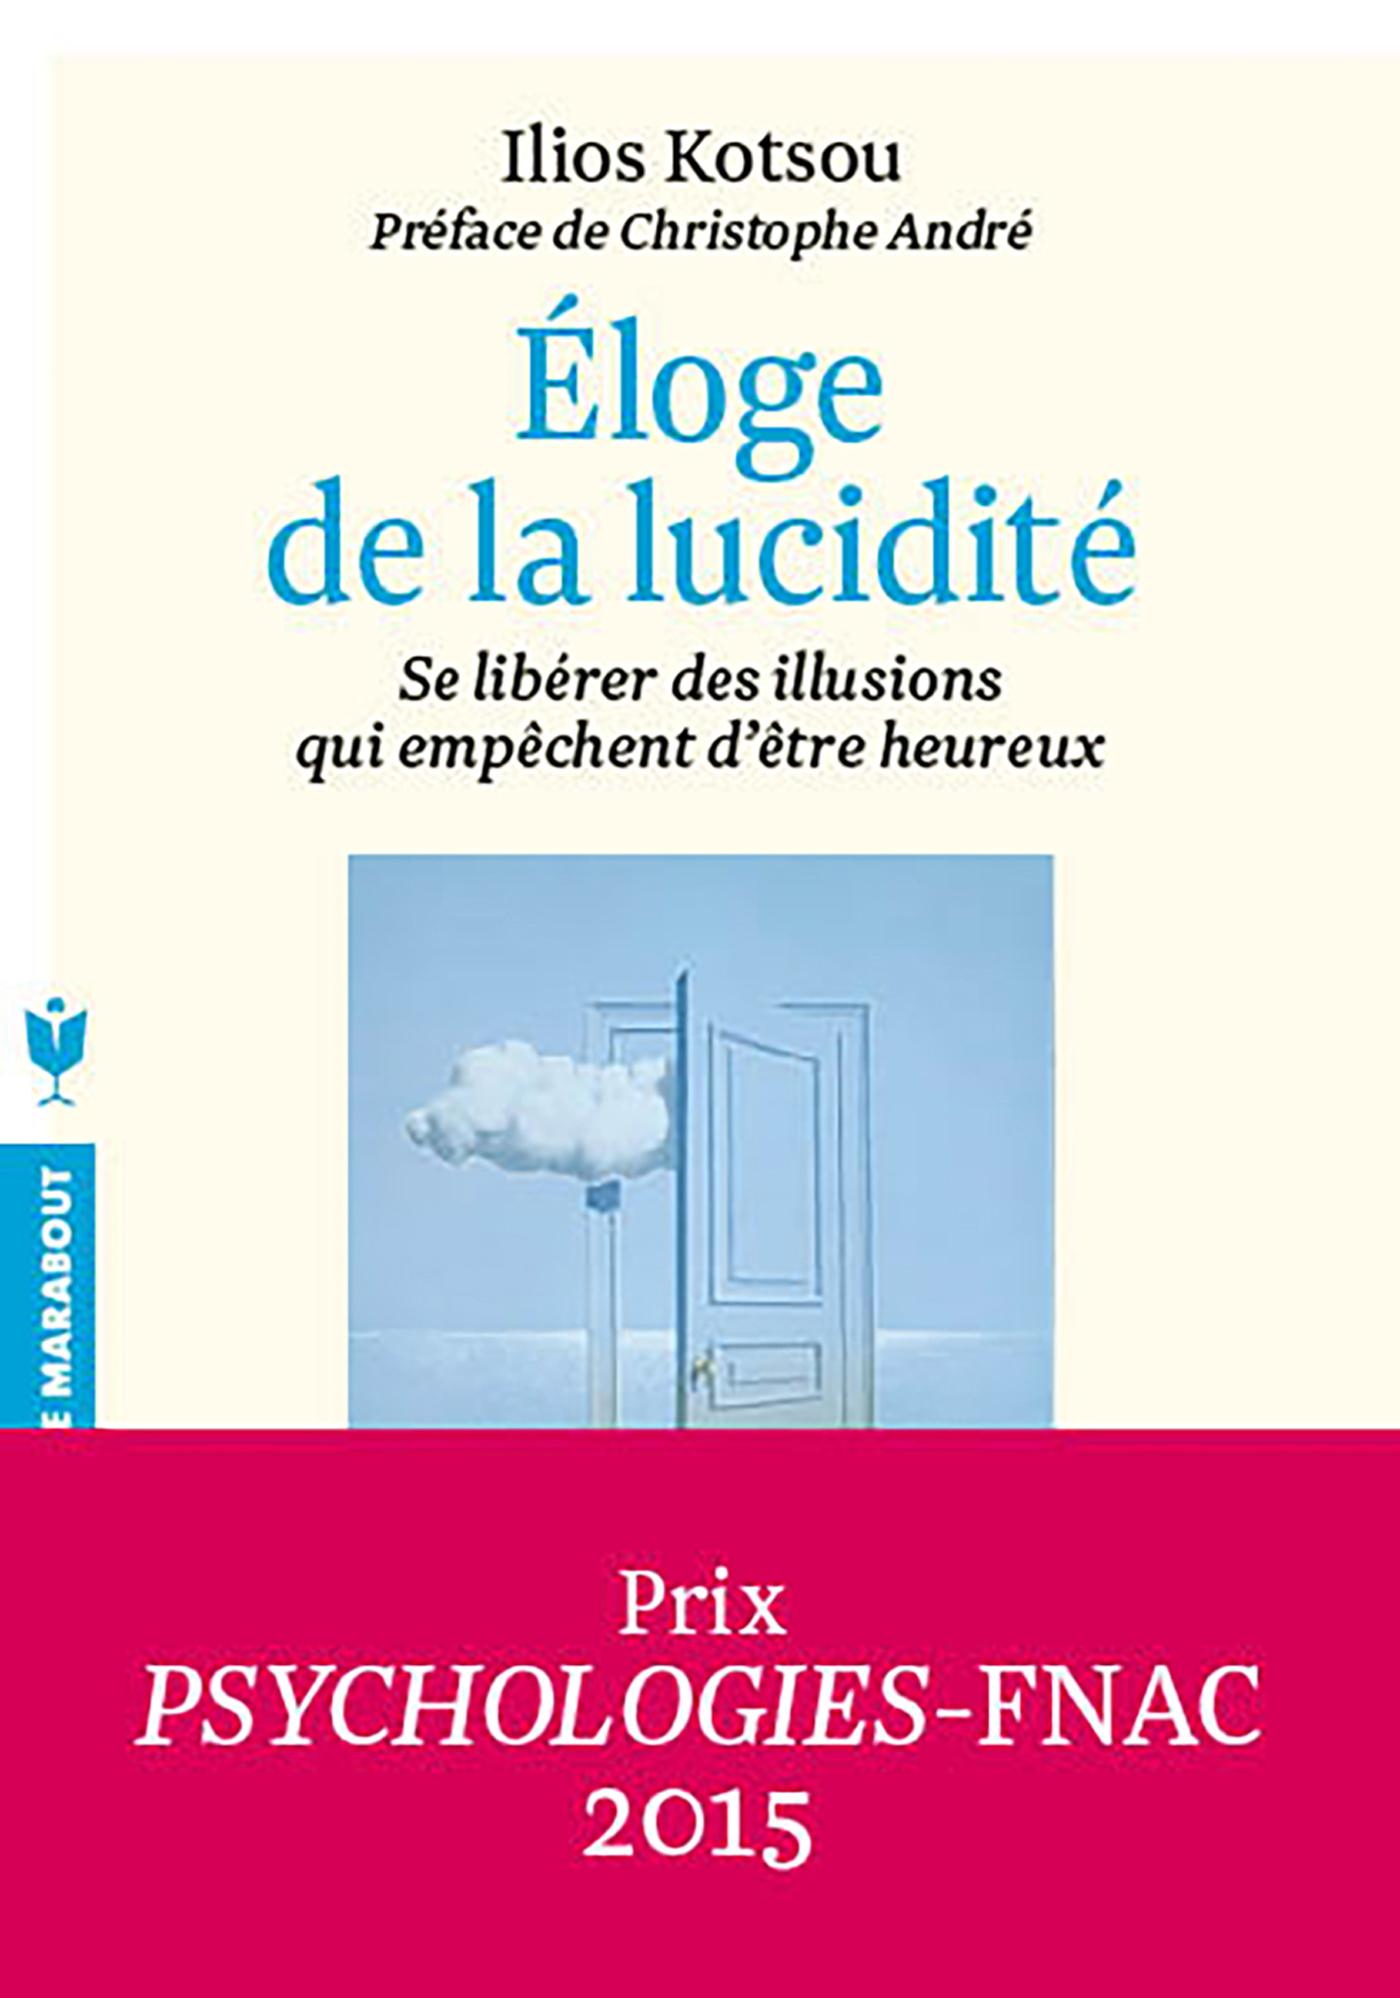 ELOGE DE LA LUCIDITE - SE LIBERER DES ILLUSIONS QUI EMPECHENT D'ETRE HEUREUX